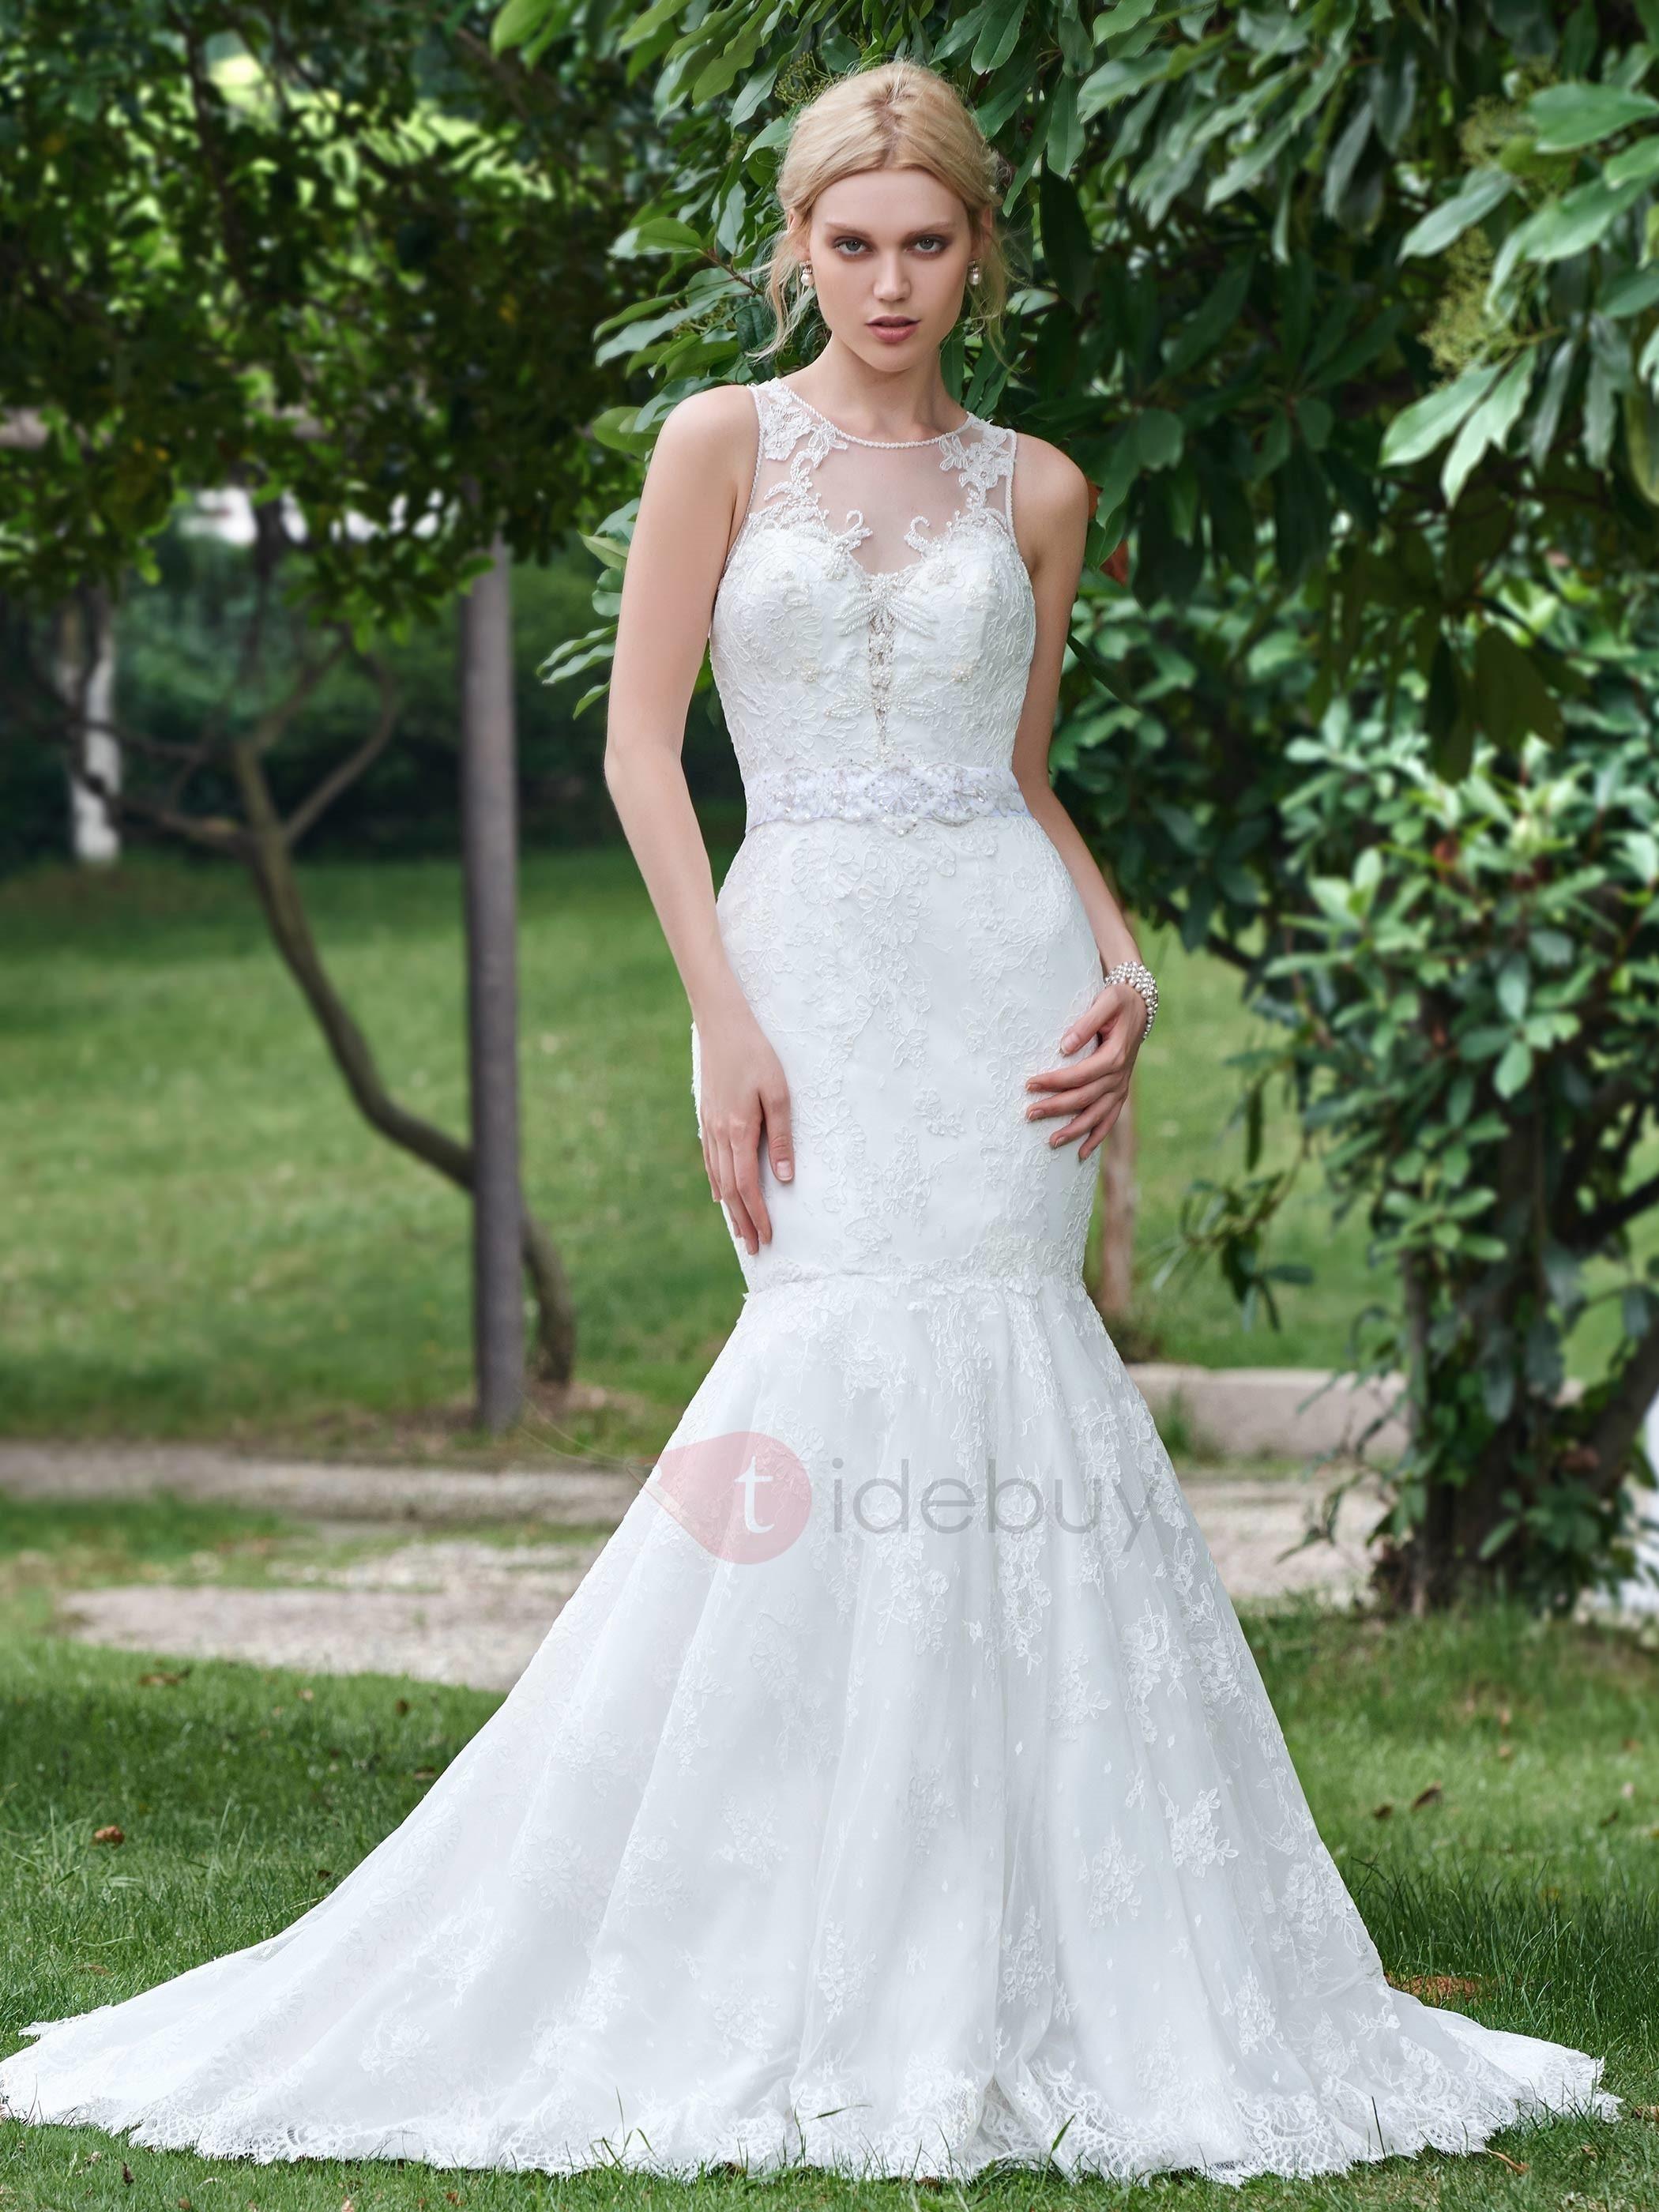 Wedding dresses with beading  TideBuy  TideBuy Stylish Scoop Neck Beaded Lace Mermaid Wedding